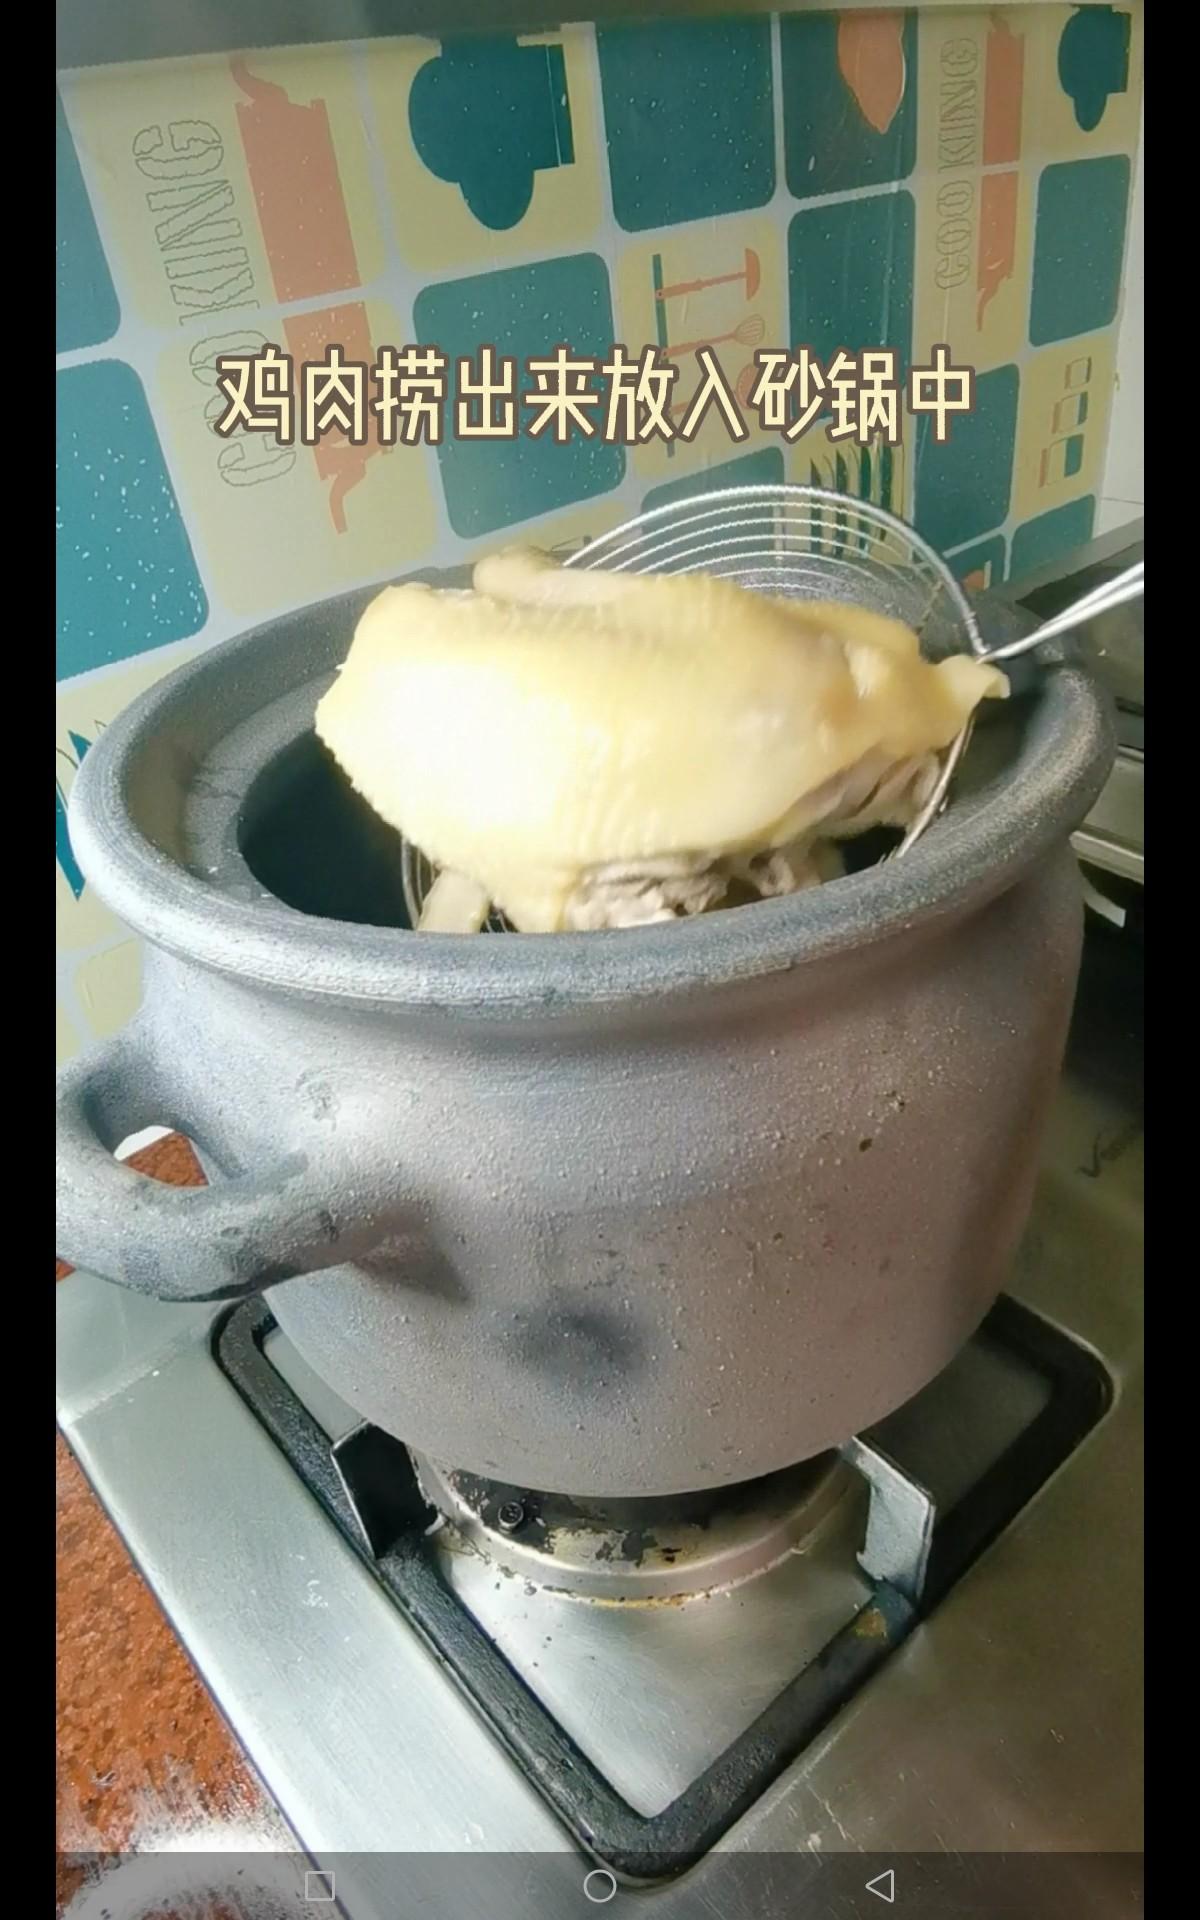 椰子煲鸡汤怎么吃